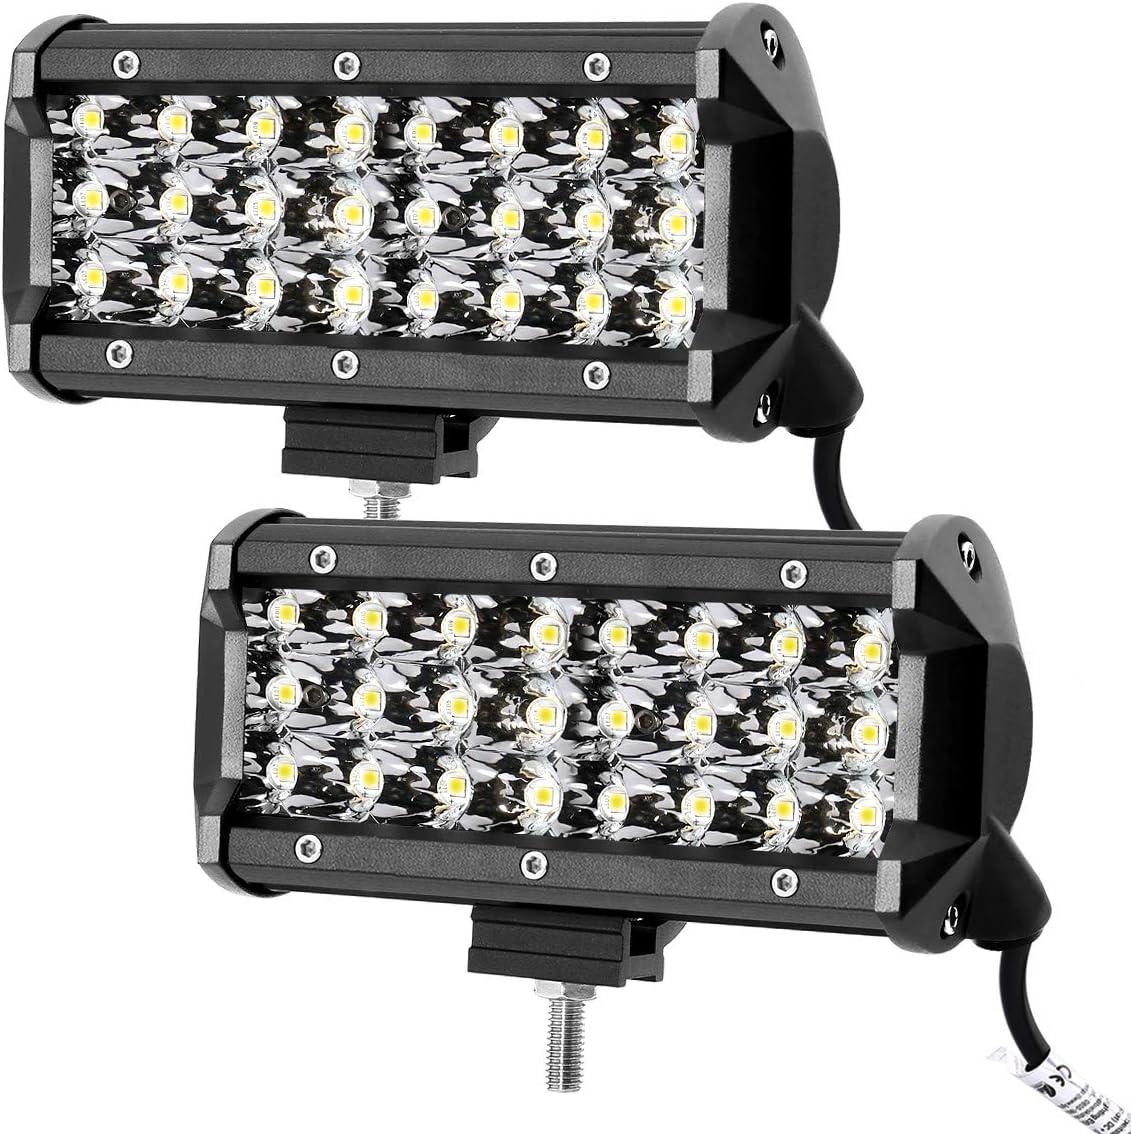 Leetop 10X 72W Faro Trabajo LED,Super Bright y Potentes Focos LED Coches 6000K IP67 Impermeable de Faros Adicionales Blanco Fr/ío para Off-Road Tractor,Cami/ón